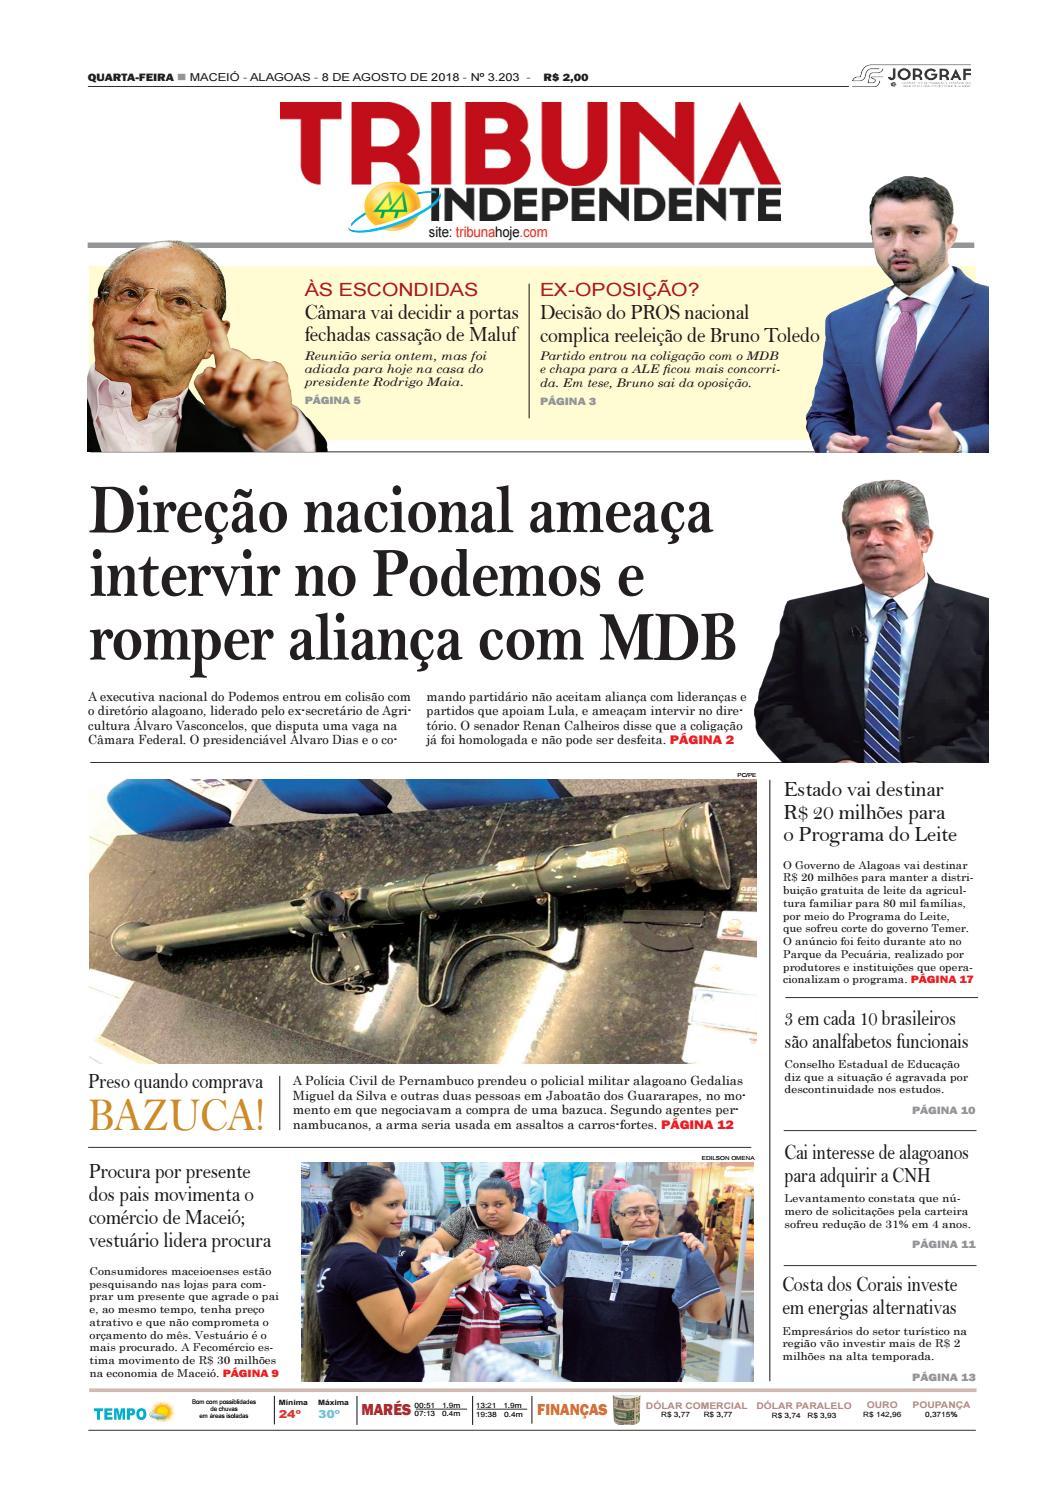 Edição número 3203 - 8 de agosto de 2018 by Tribuna Hoje - issuu 2949c8f10e57f